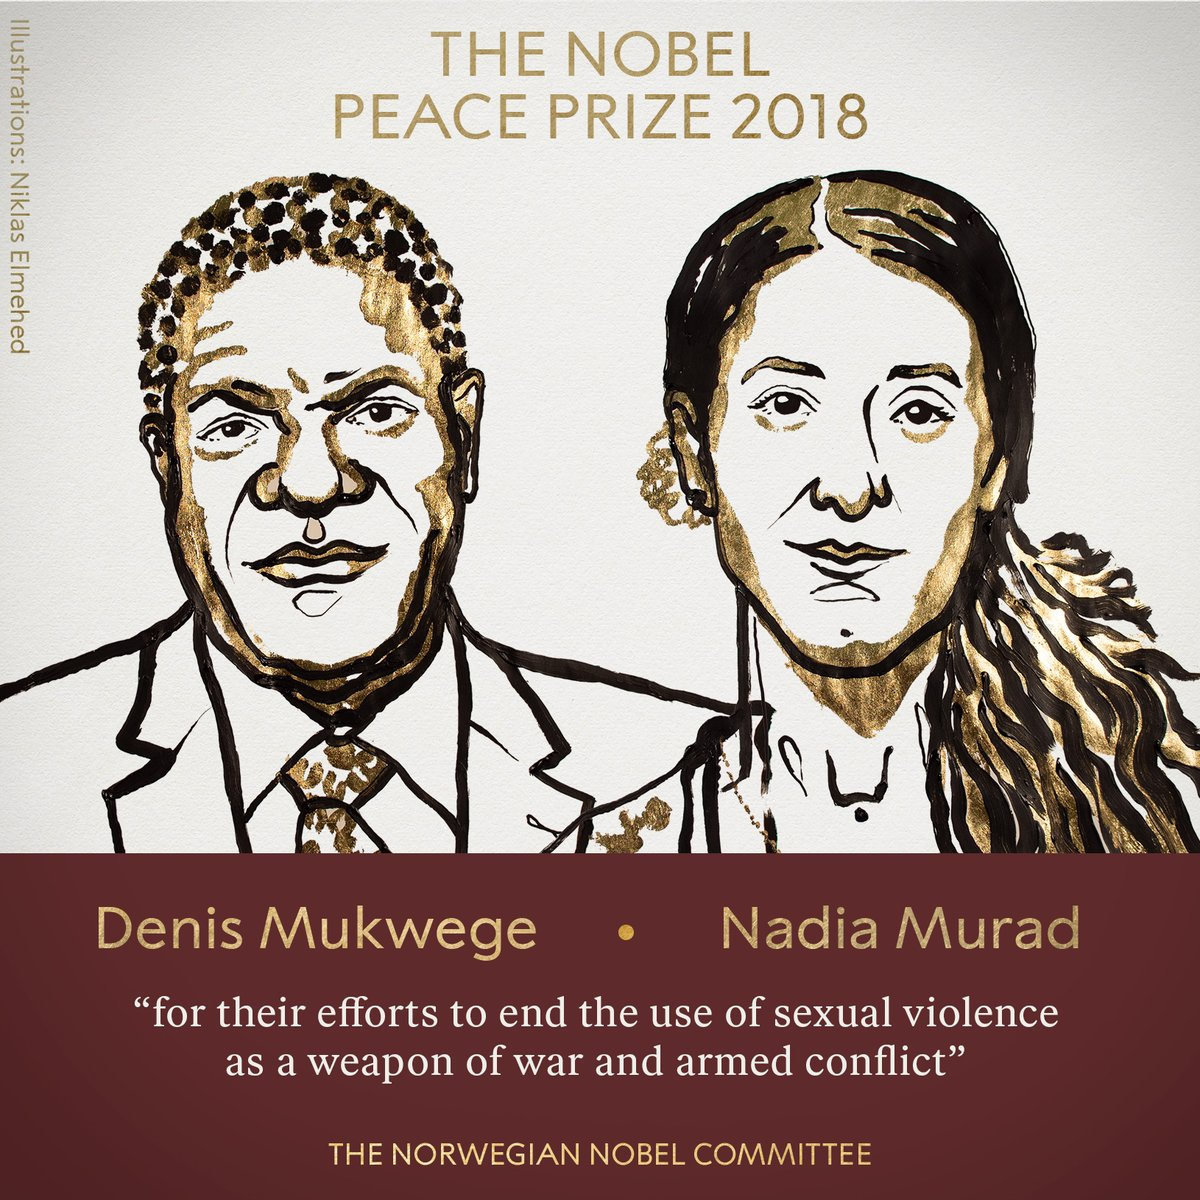 Premio Nobel per la Pace 2018 conferito a Denis Mukwege e Nadia Murad